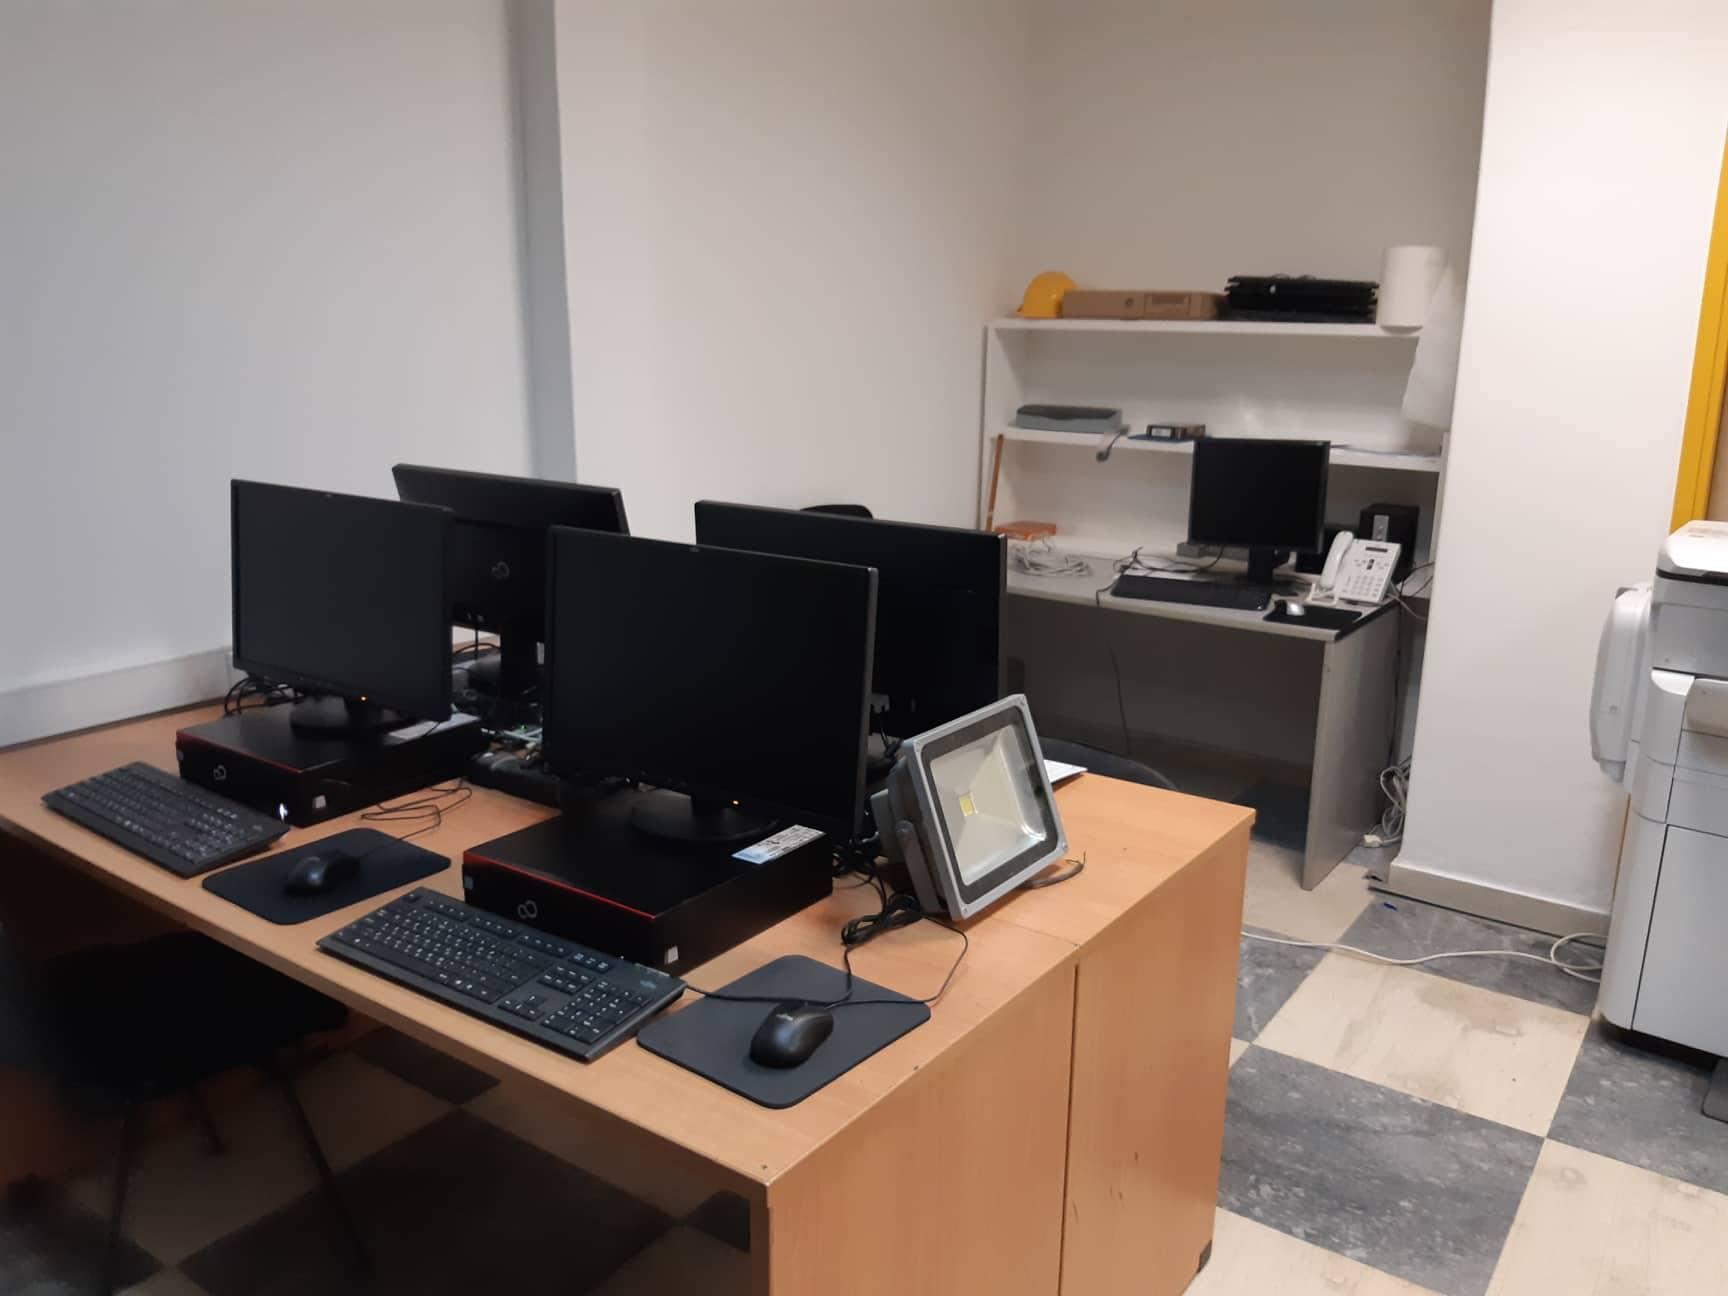 Σεμινάρια υπολογιστών για ανέργους από τον Δήμο Ηρακλείου